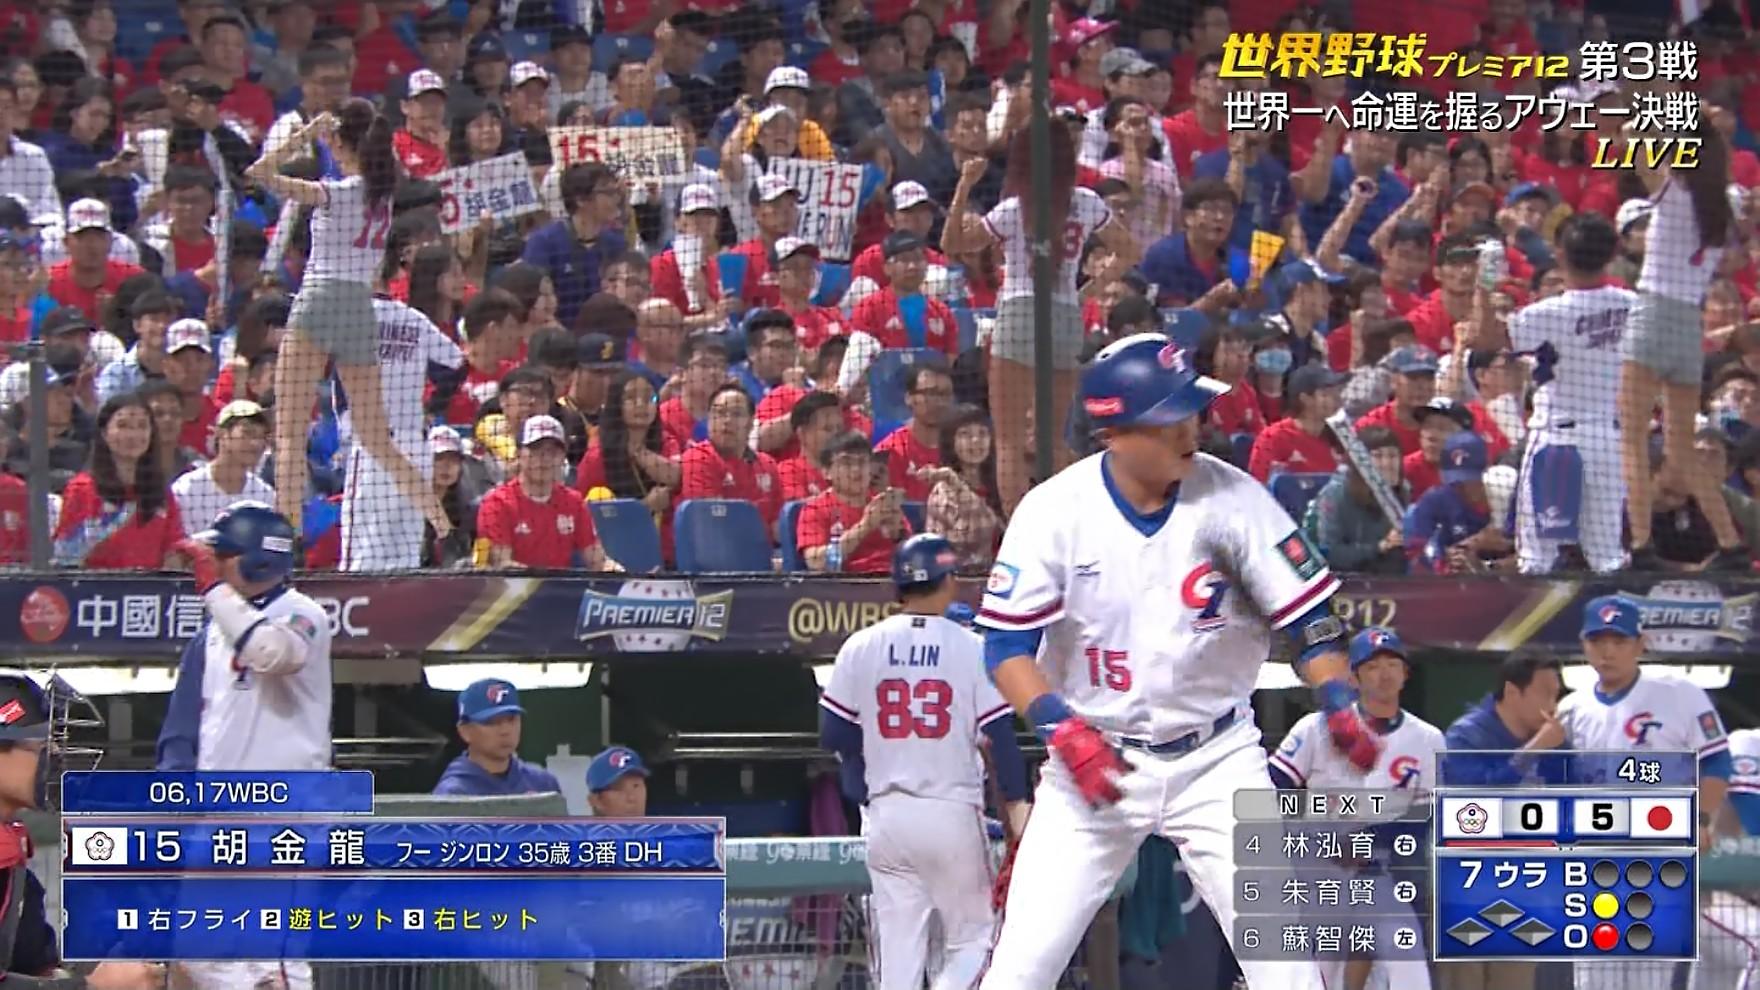 世界野球プレミア12 日本vs台湾のテレビキャプチャー画像-343